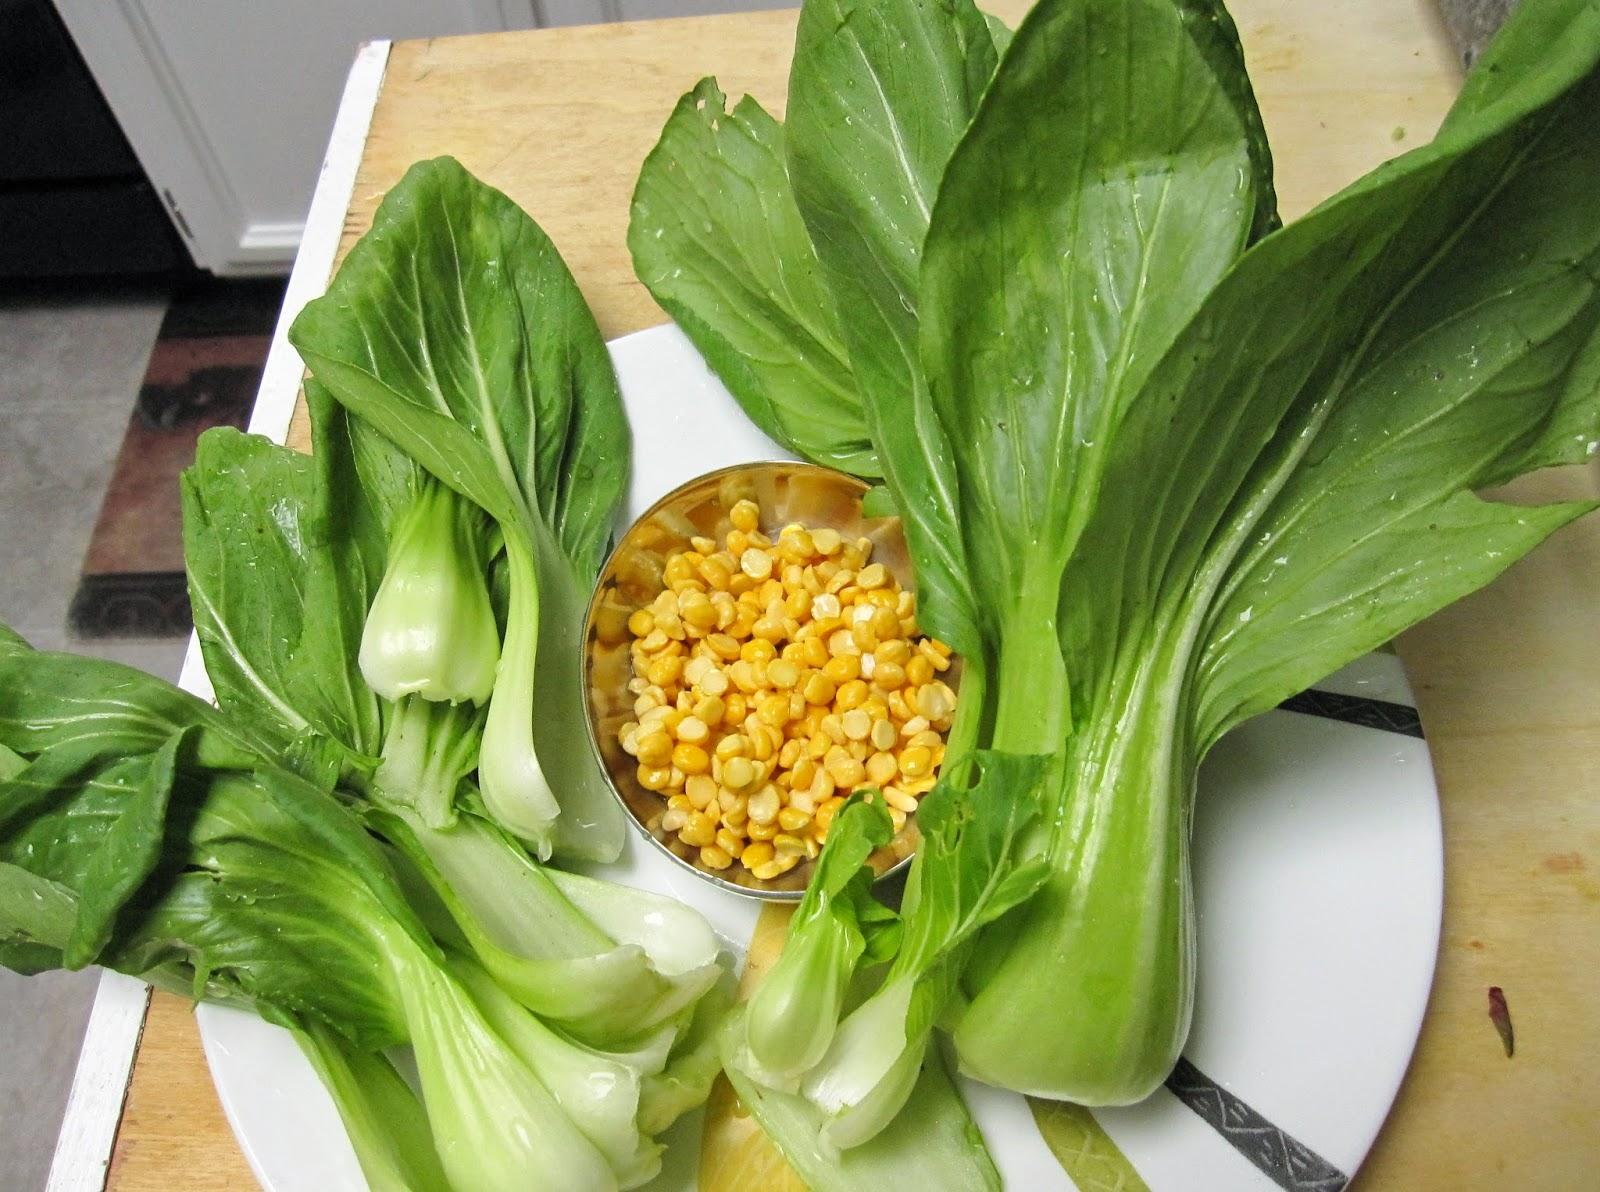 Sita39s Ruchulu Baby bok choychinese cabbage subzi